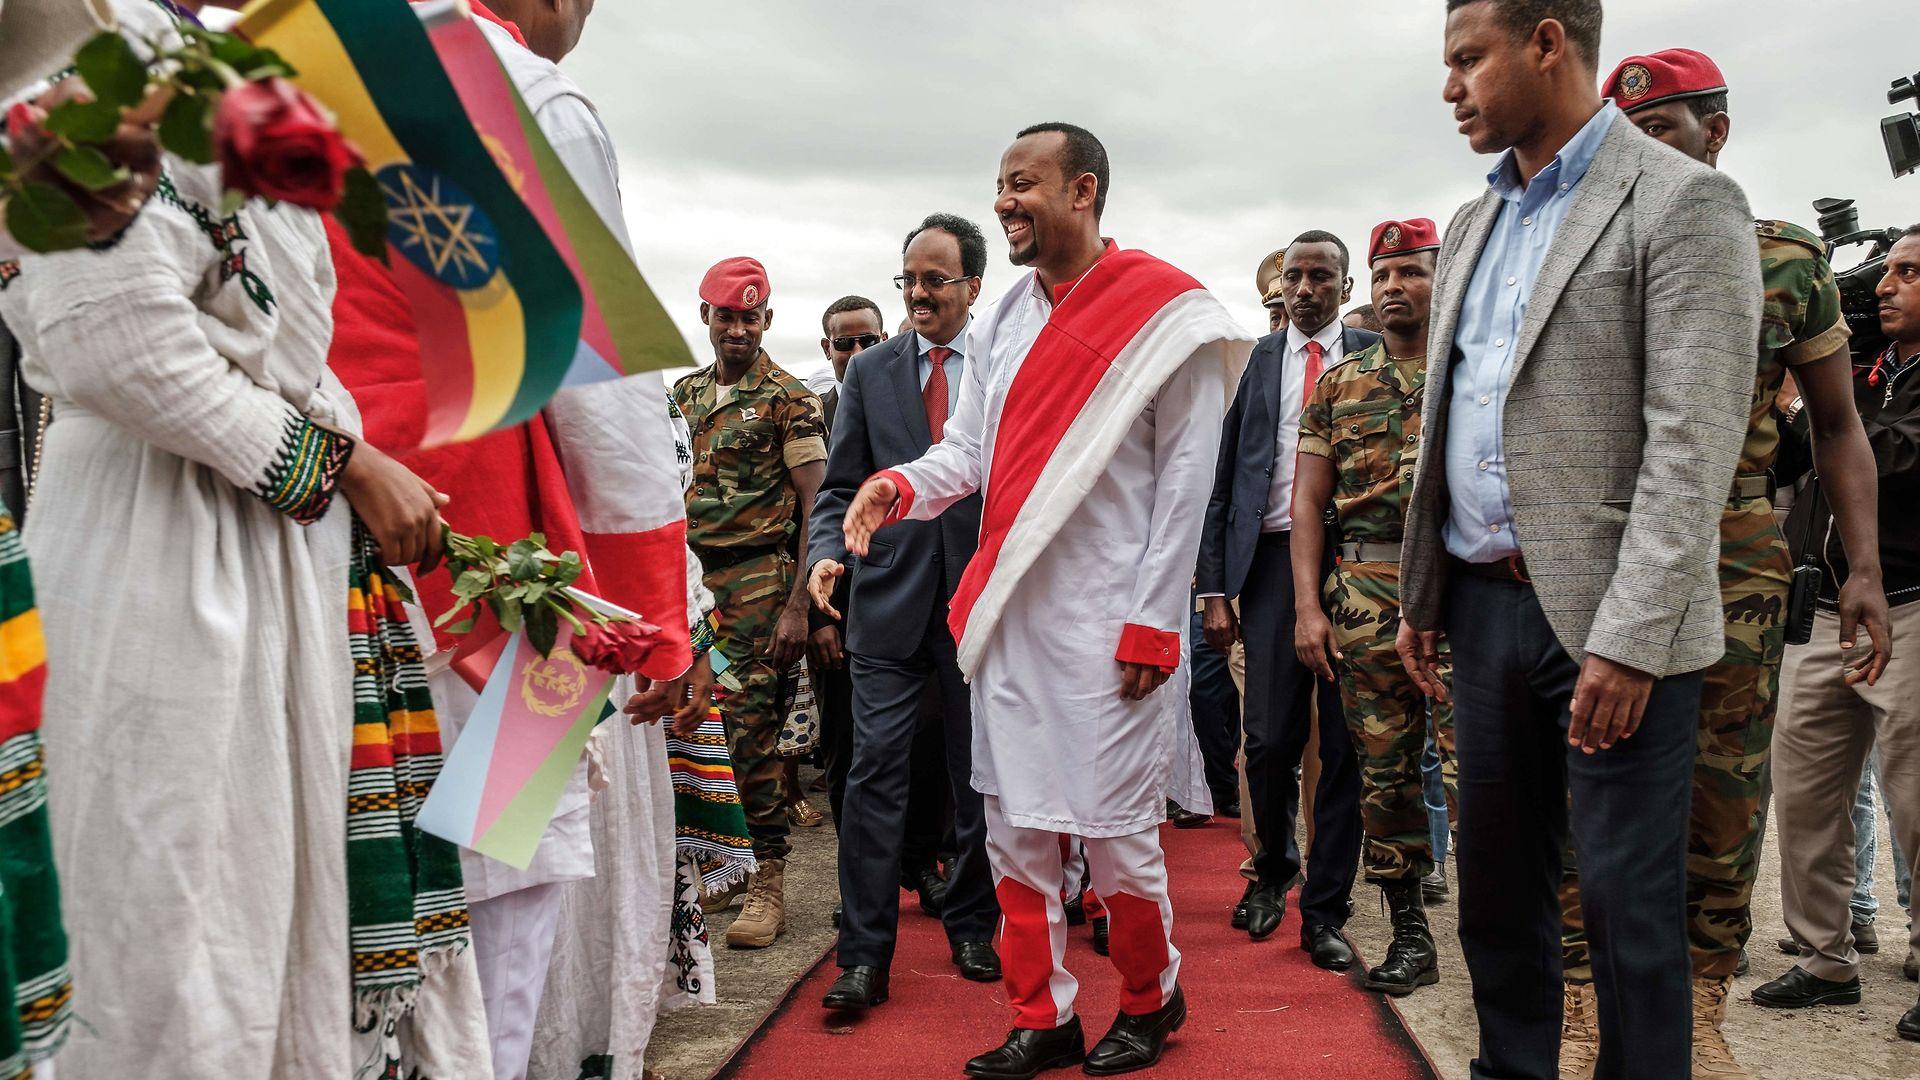 Christer Lænkholm: Kan Nobelprismodtageren Abiy Ahmed sikre, at Etiopien overlever sin demokratiske transformation, eller vil blodige konflikter splitte landet ad?